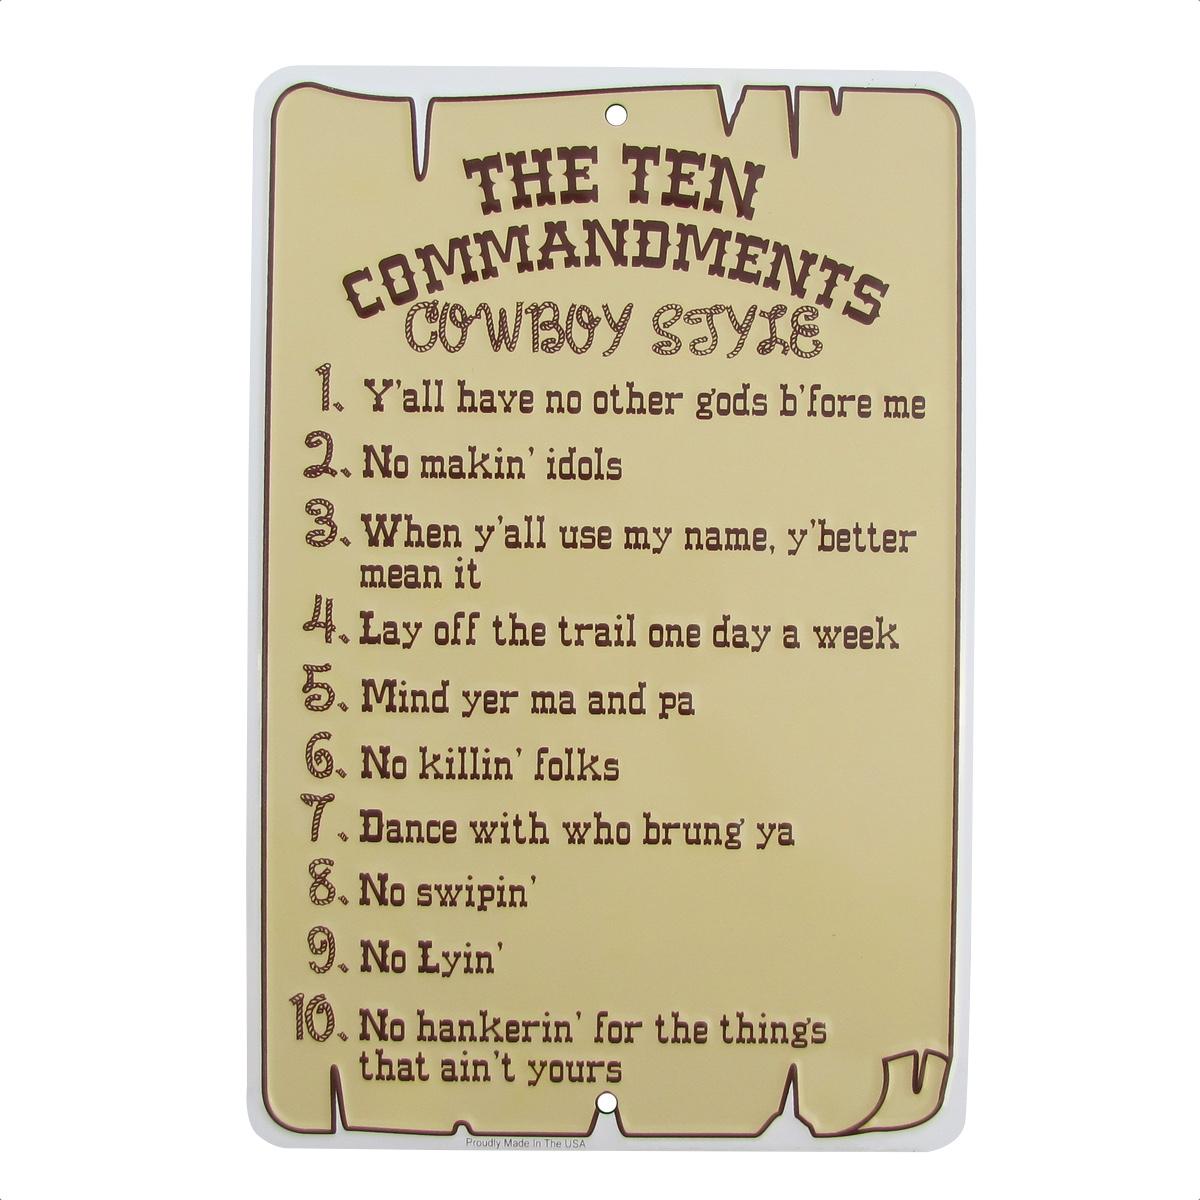 ten christian commandments